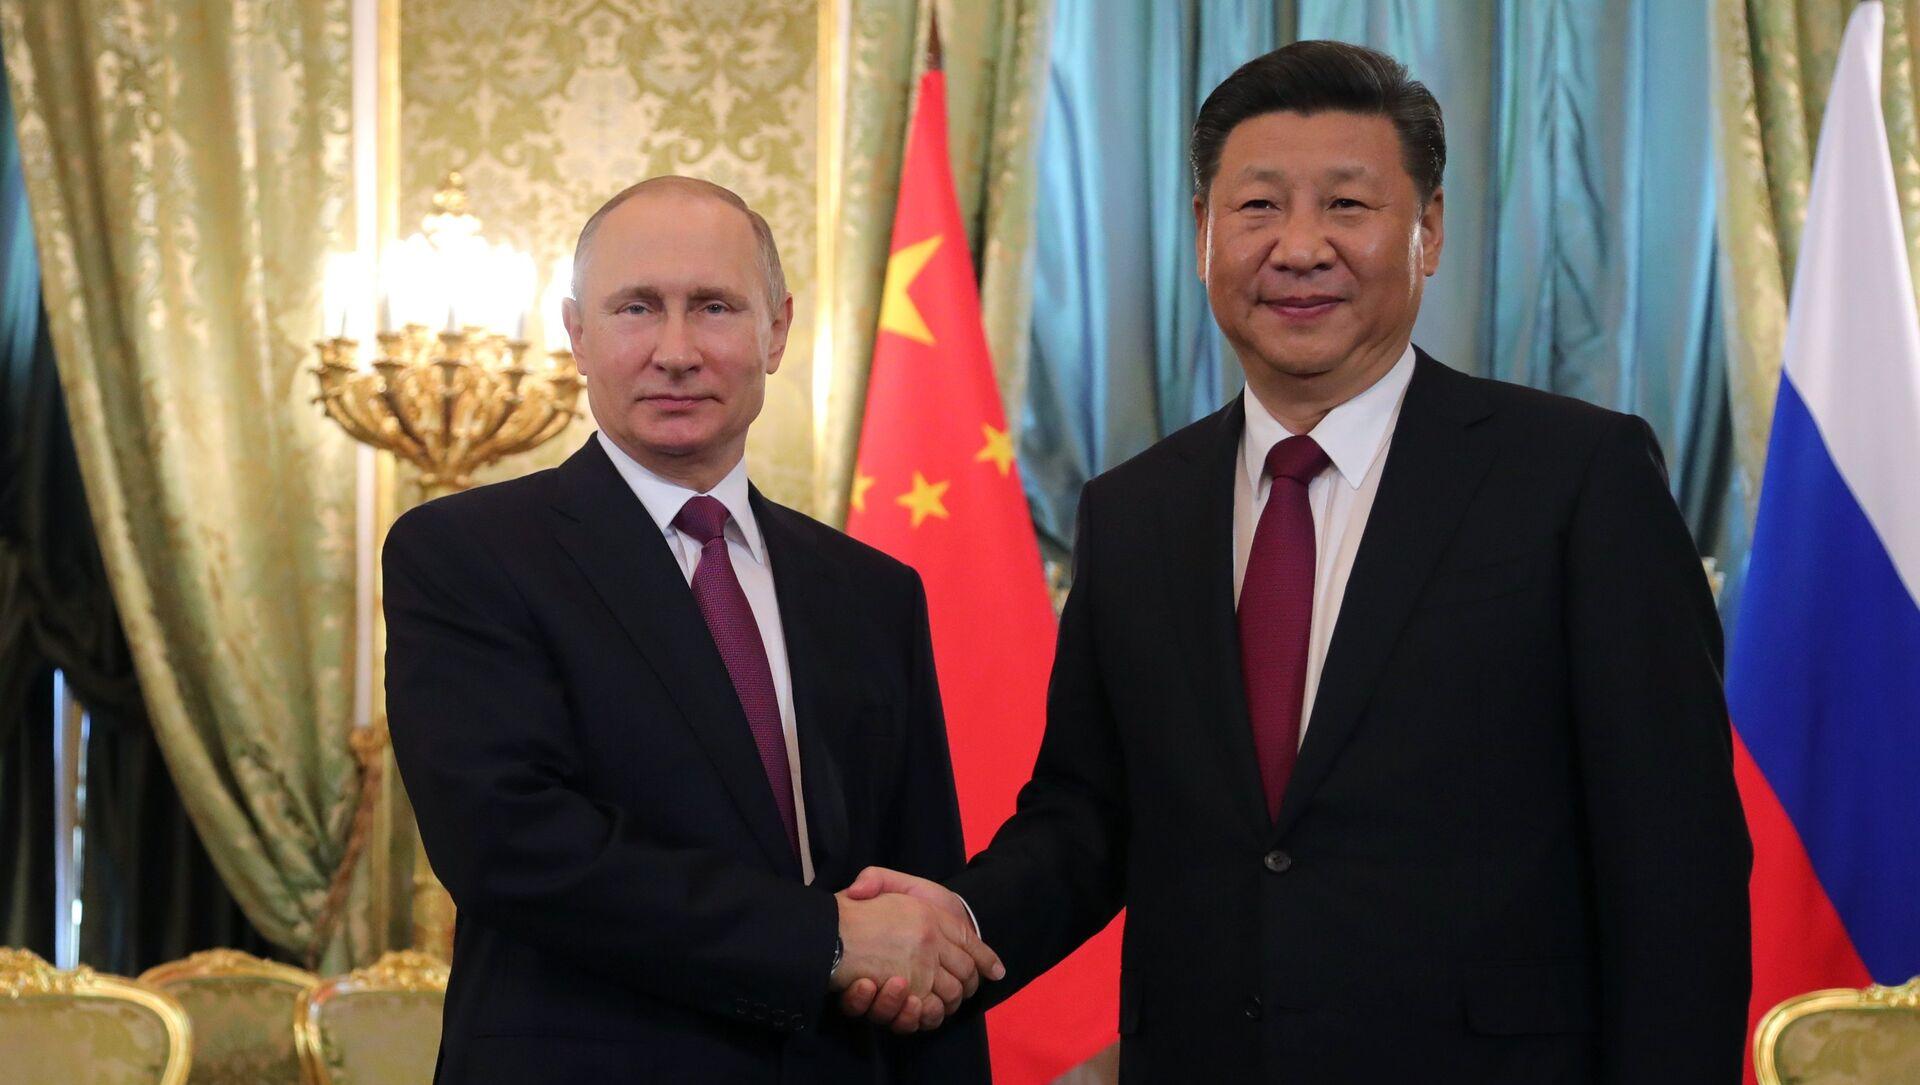 Президент РФ Владимир Путин и председатель Китайской Народной Республики (КНР) Си Цзиньпин во время встречи - Sputnik Азербайджан, 1920, 25.08.2021